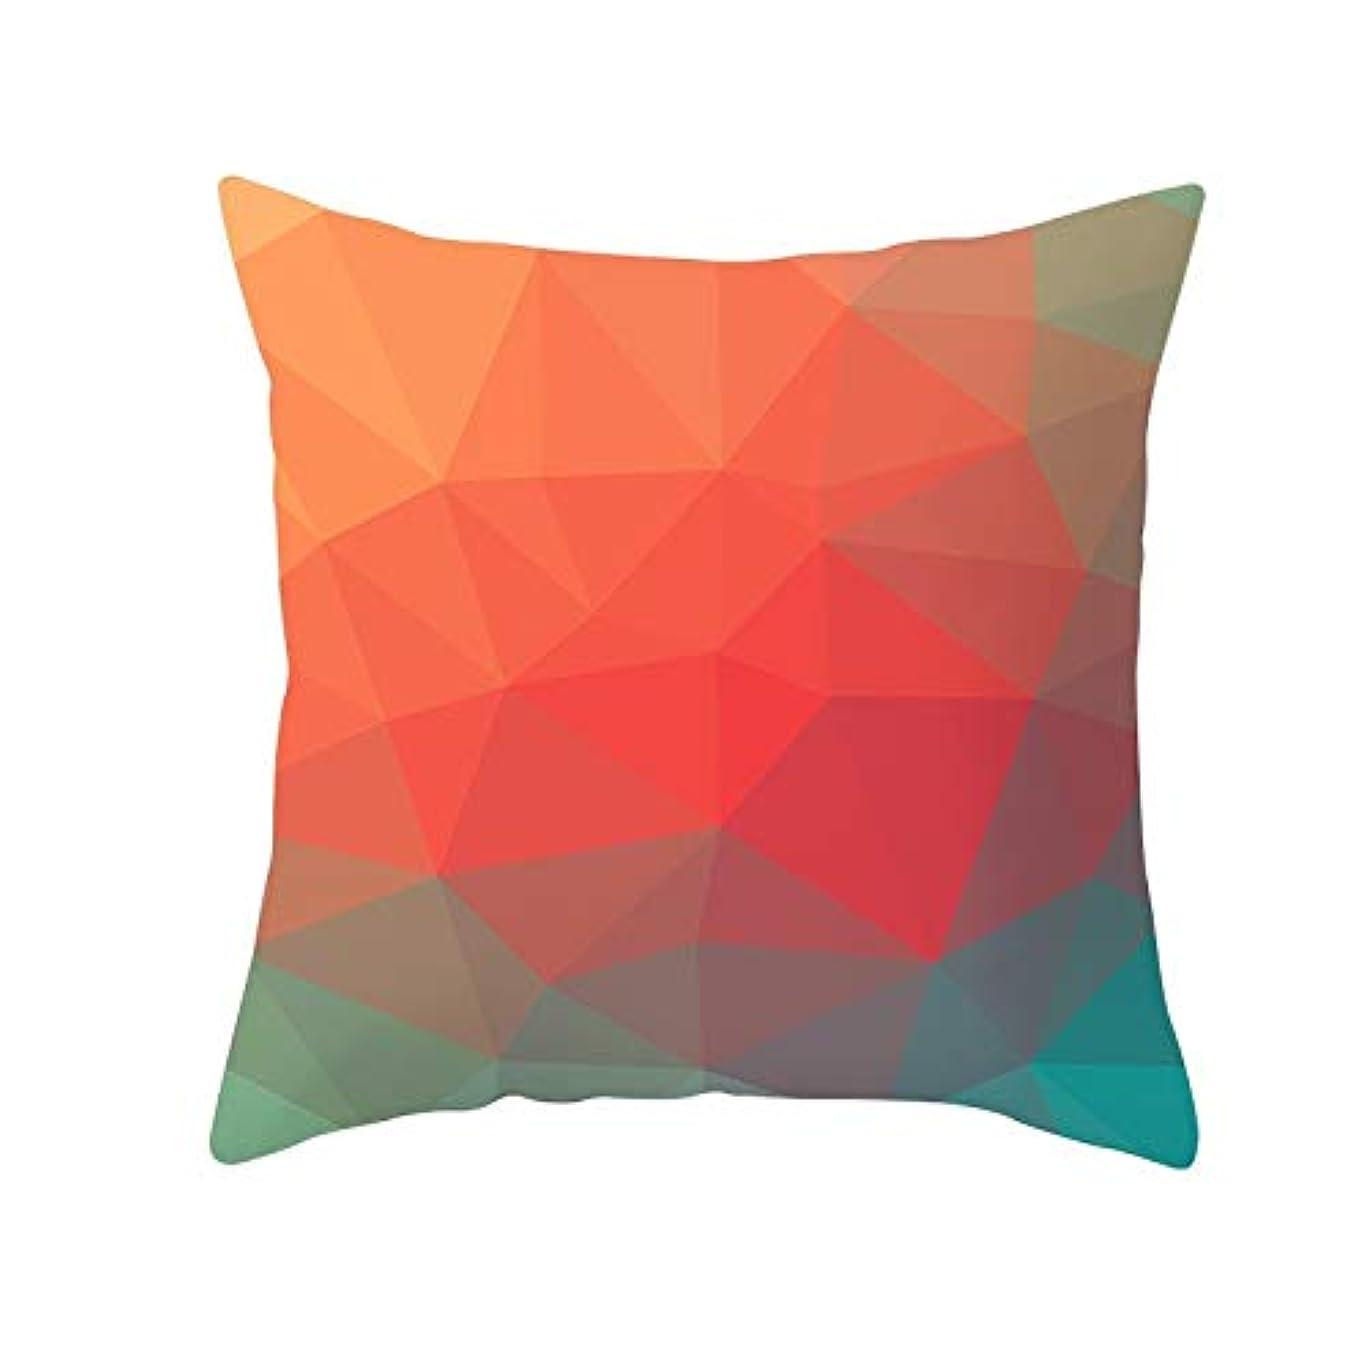 和らげる予防接種する平らなLIFE 装飾クッションソファ 幾何学プリントポリエステル正方形の枕ソファスロークッション家の装飾 coussin デ長椅子 クッション 椅子